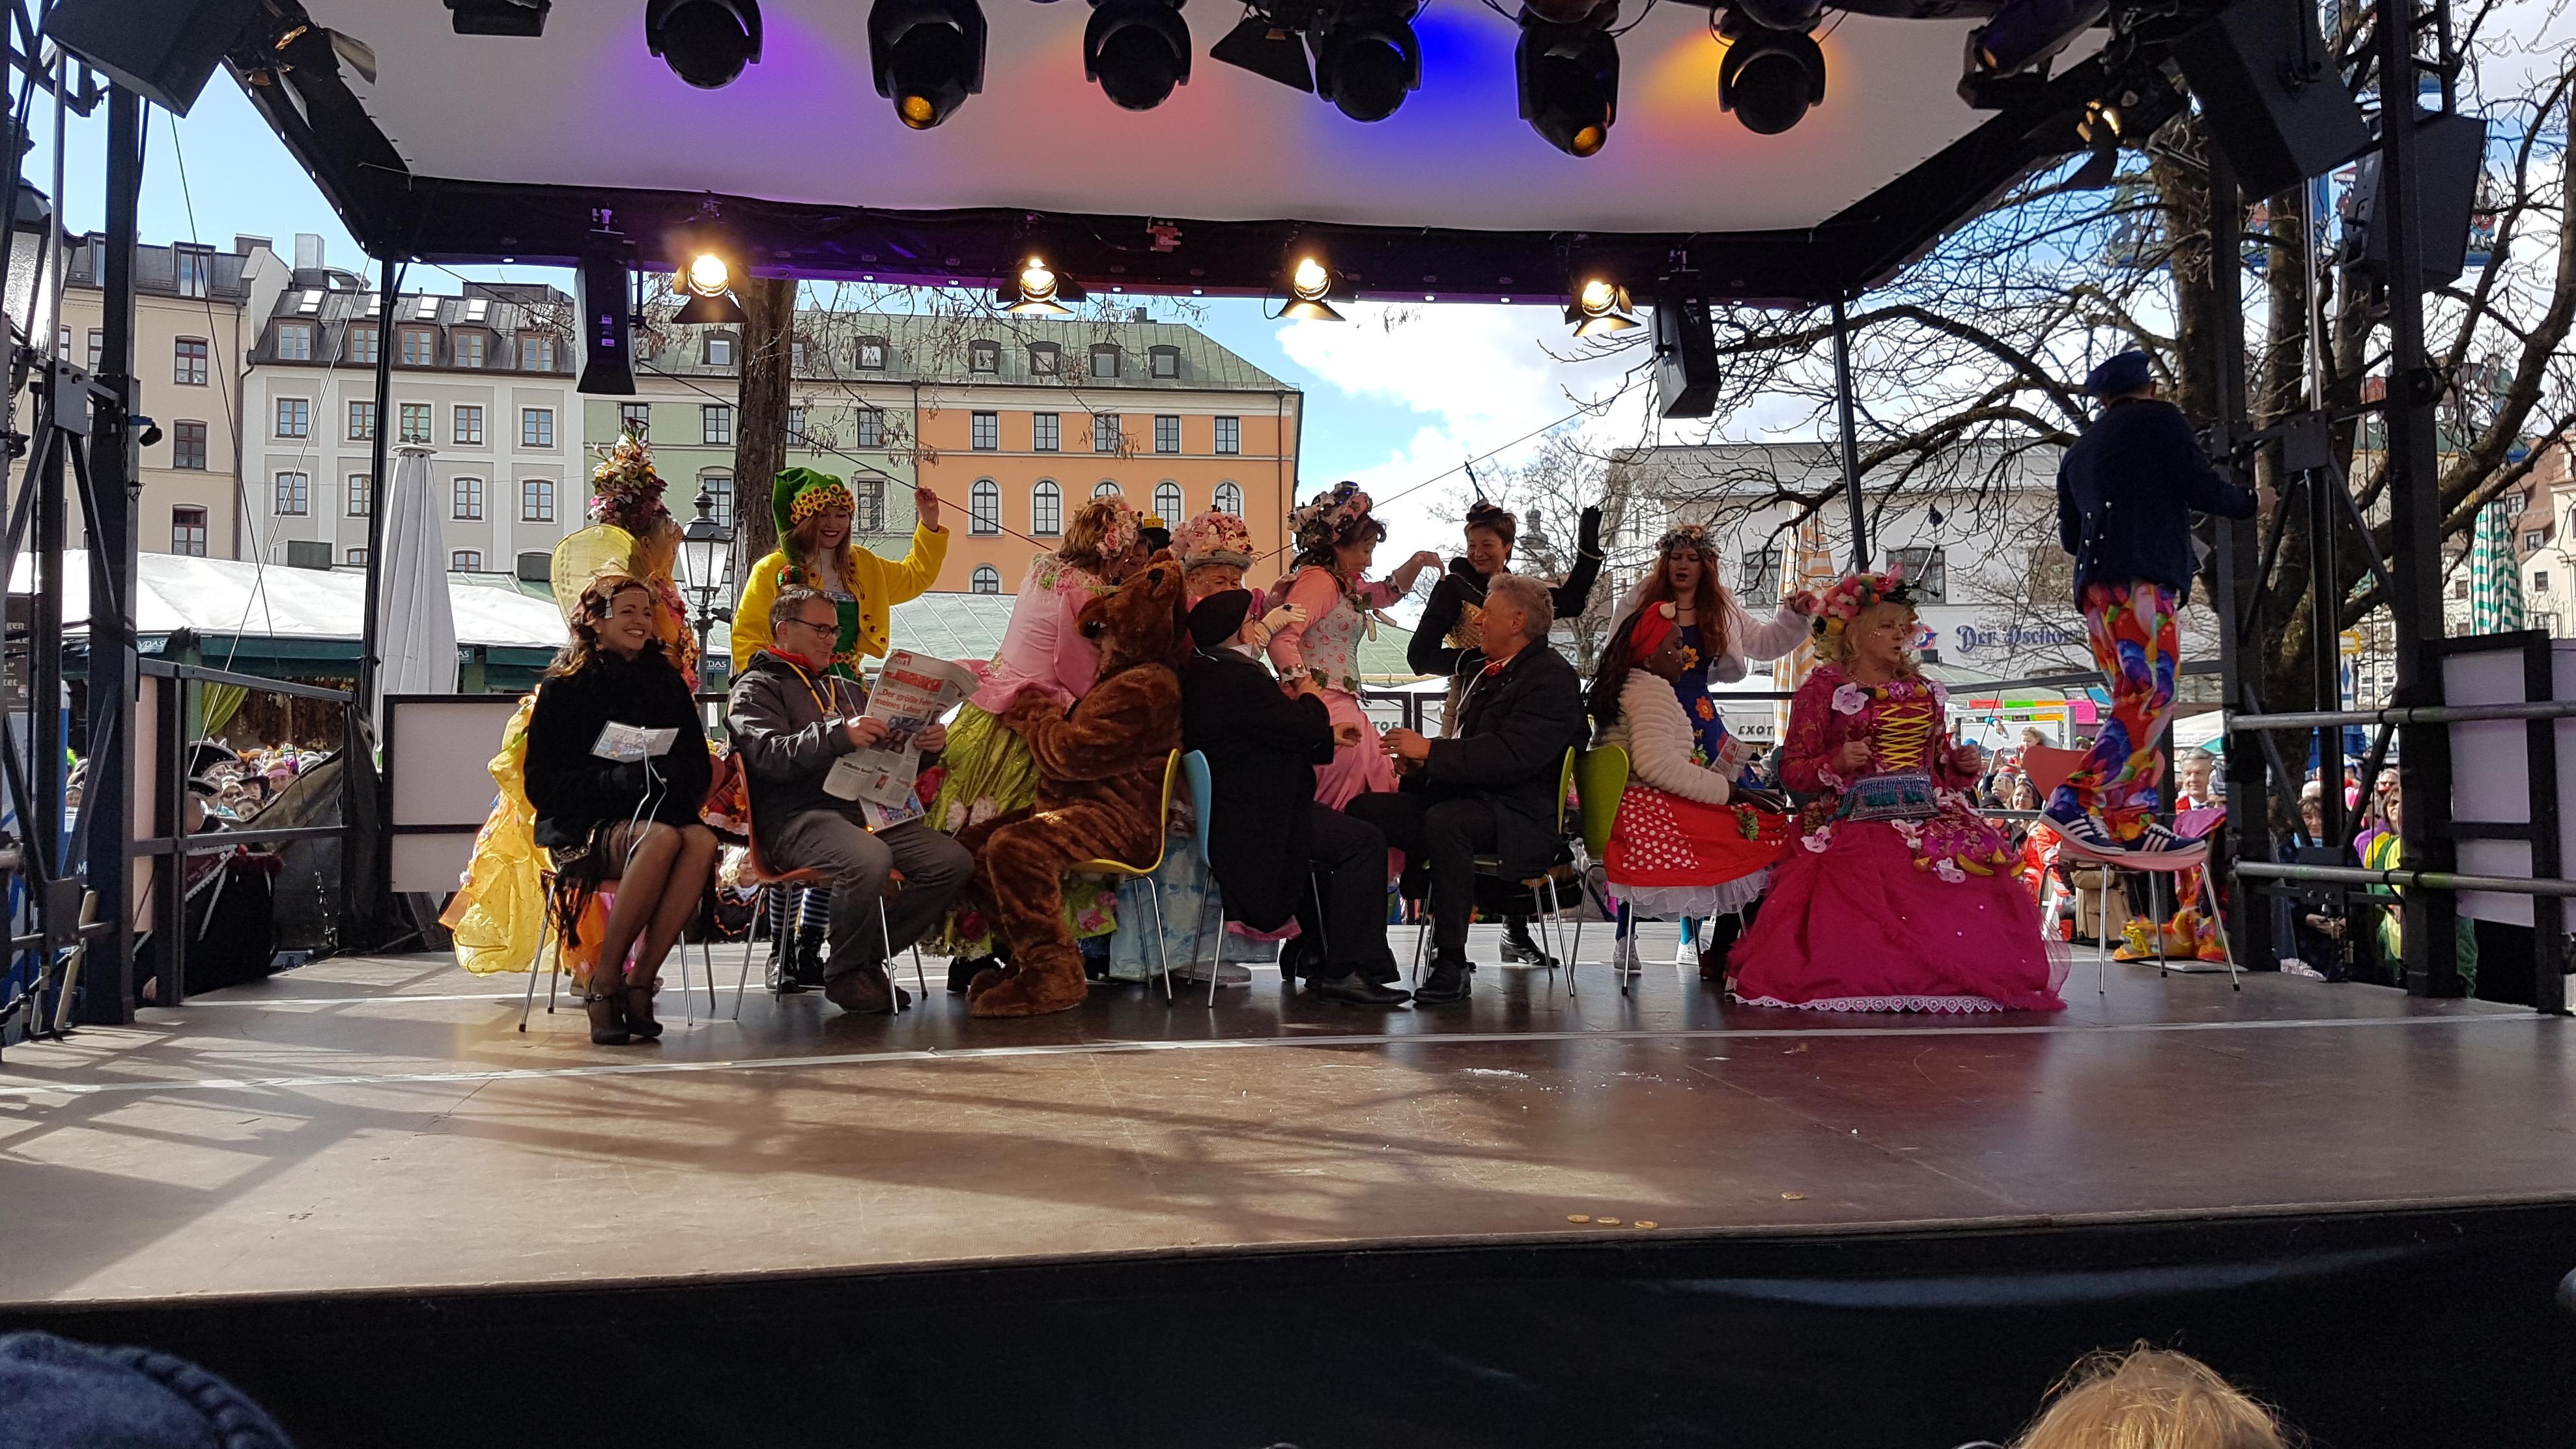 Tanz der Marktweiber auf dem Münchner Viktualienmarkt 2019